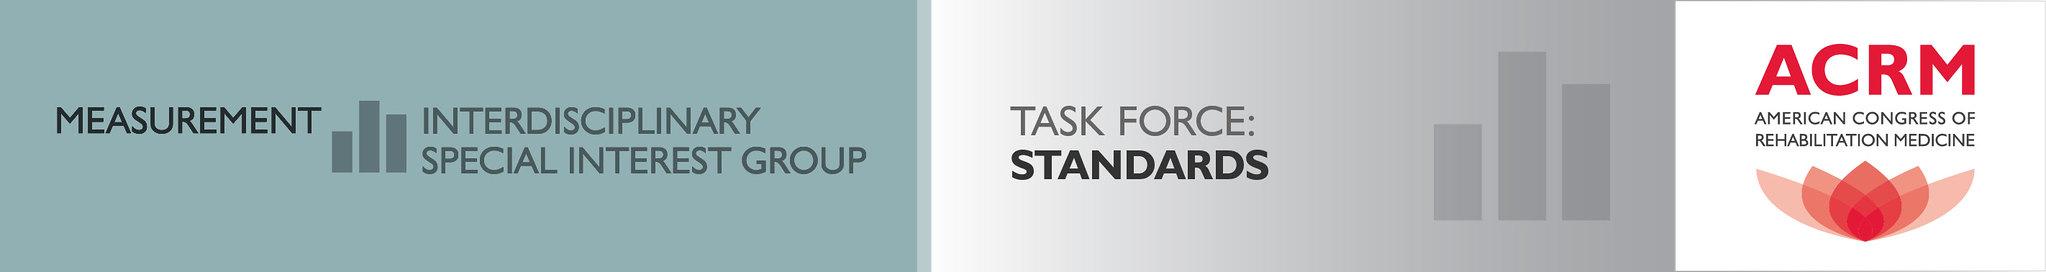 ACRM Measurement ISIG Standards Task Force banner